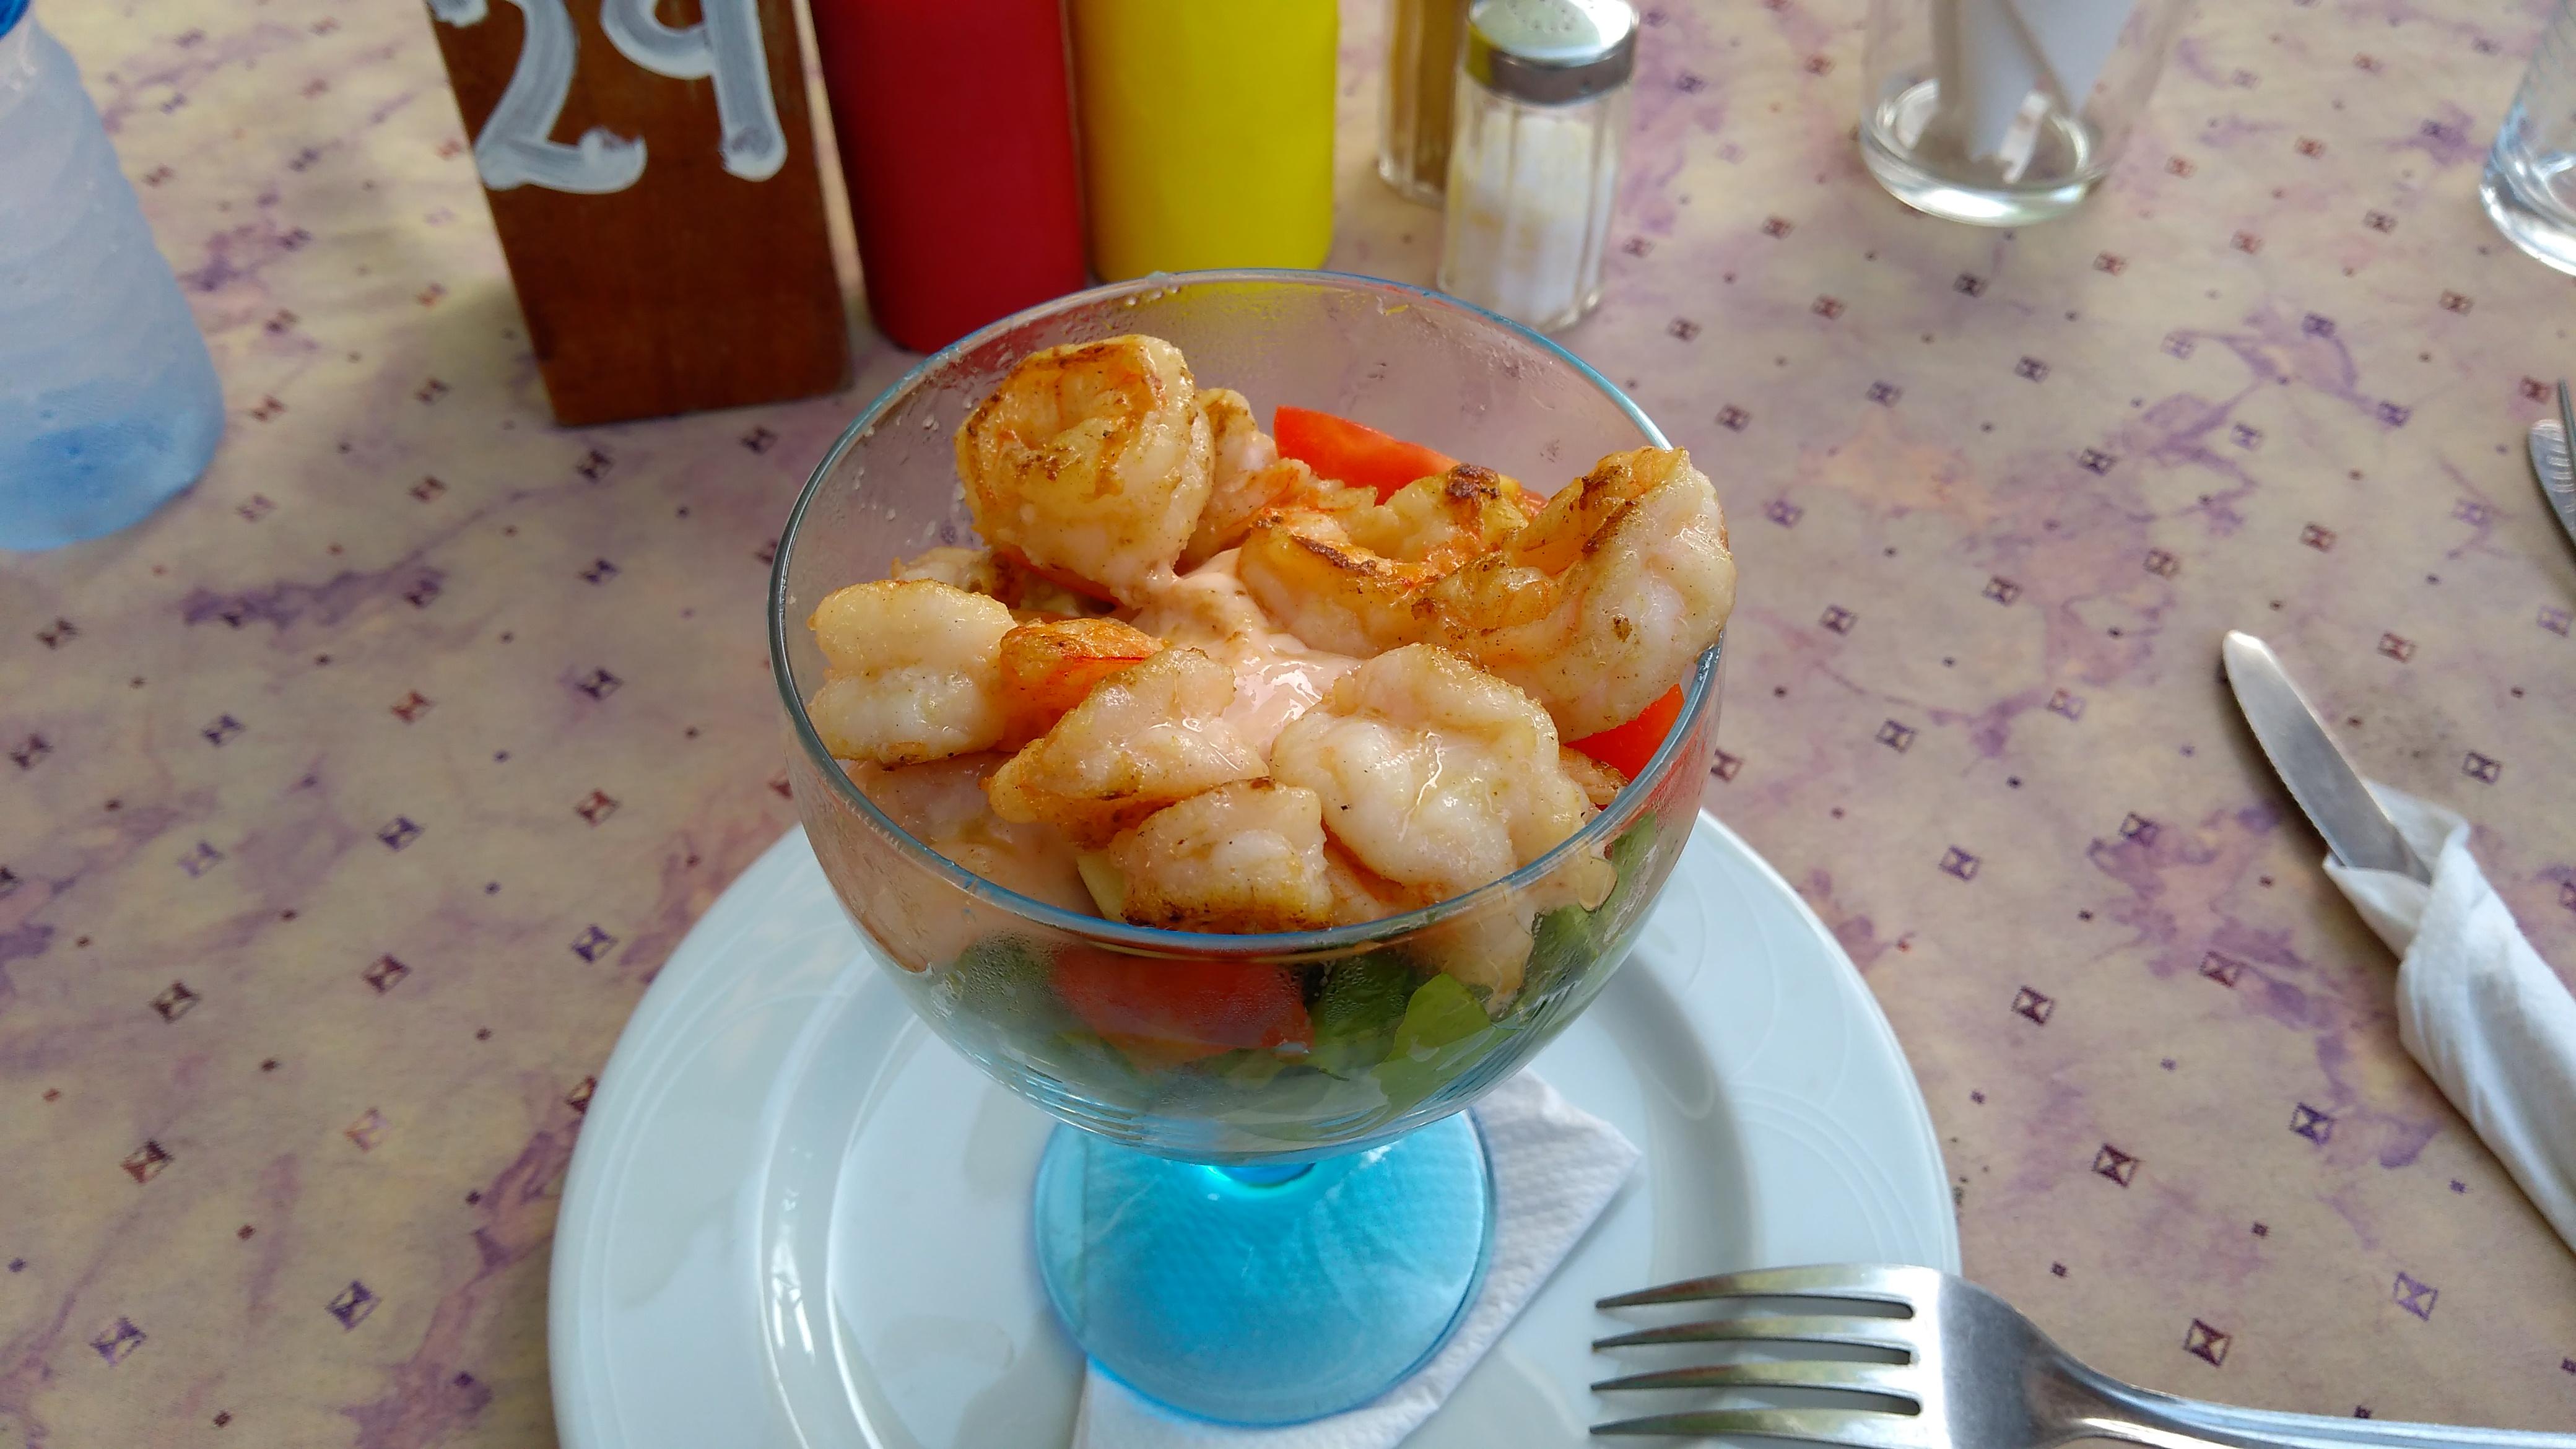 https://foodloader.net/blub_2017-03-24_Shrimps_Cocktail.jpg